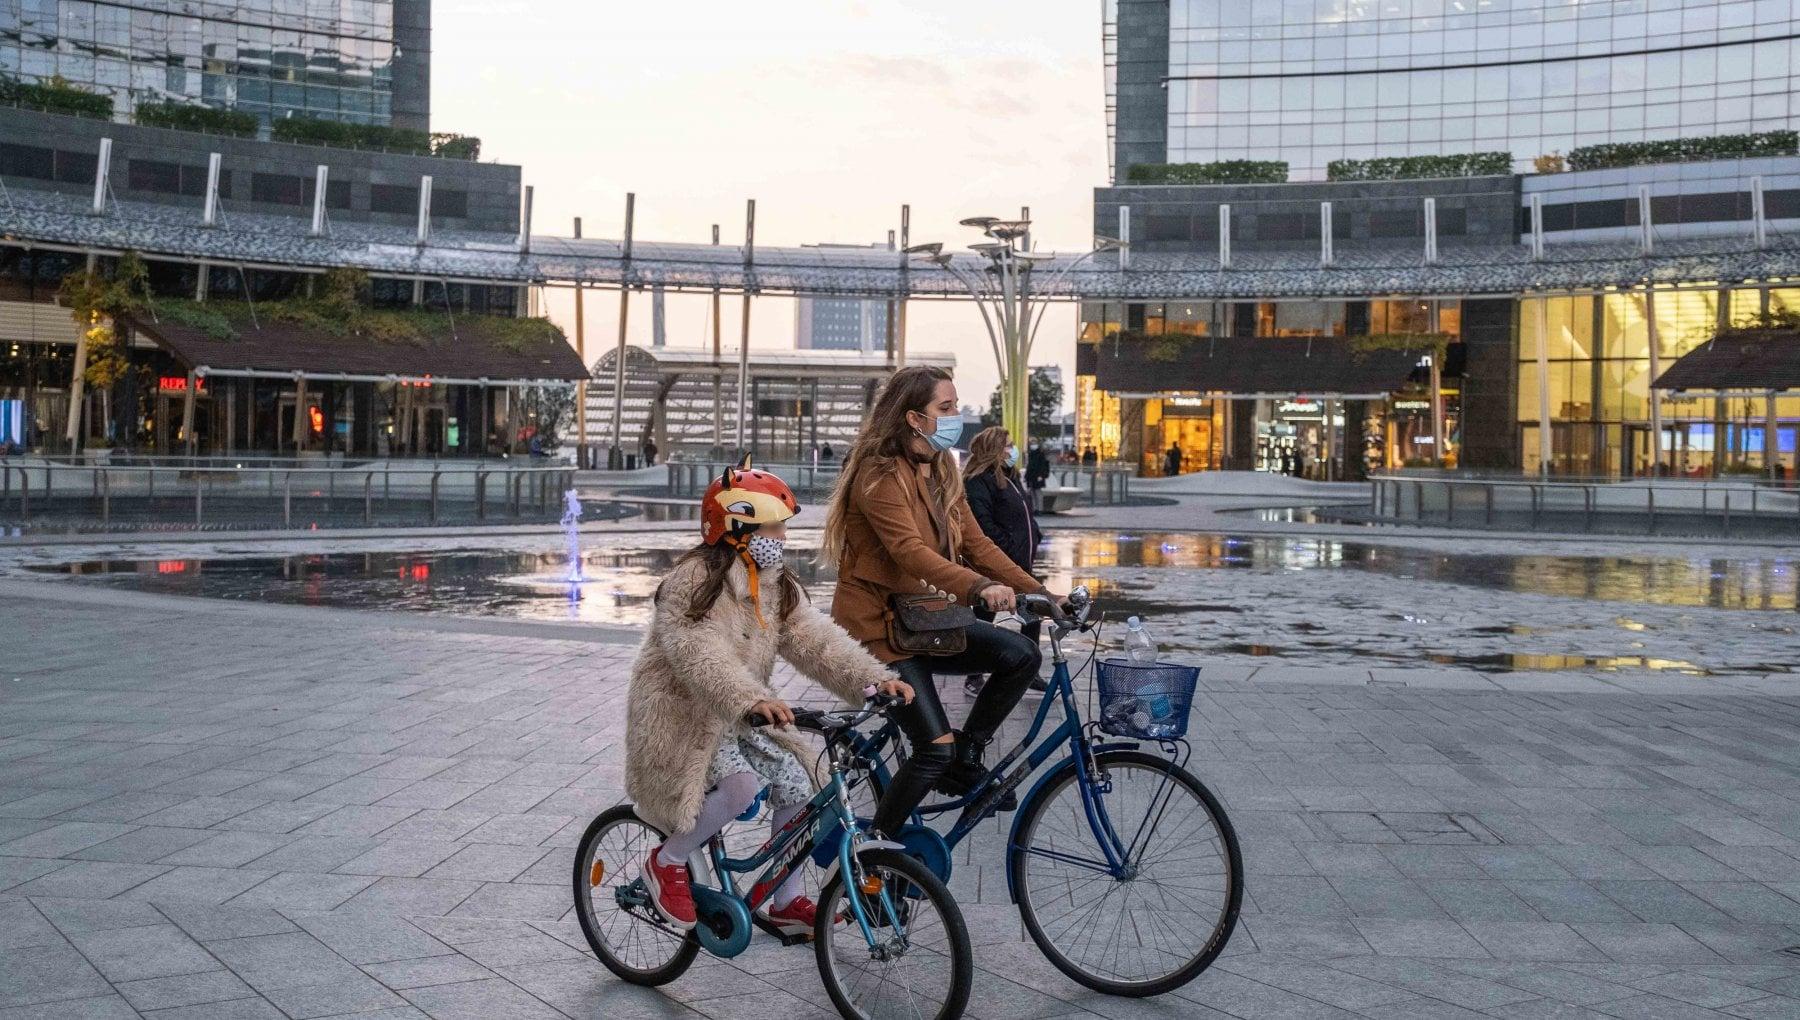 172351456 f89464ab 208d 4c68 acec c94731e46d17 - Effetto bonus e Covid, così l'Italia rimane senza biciclette